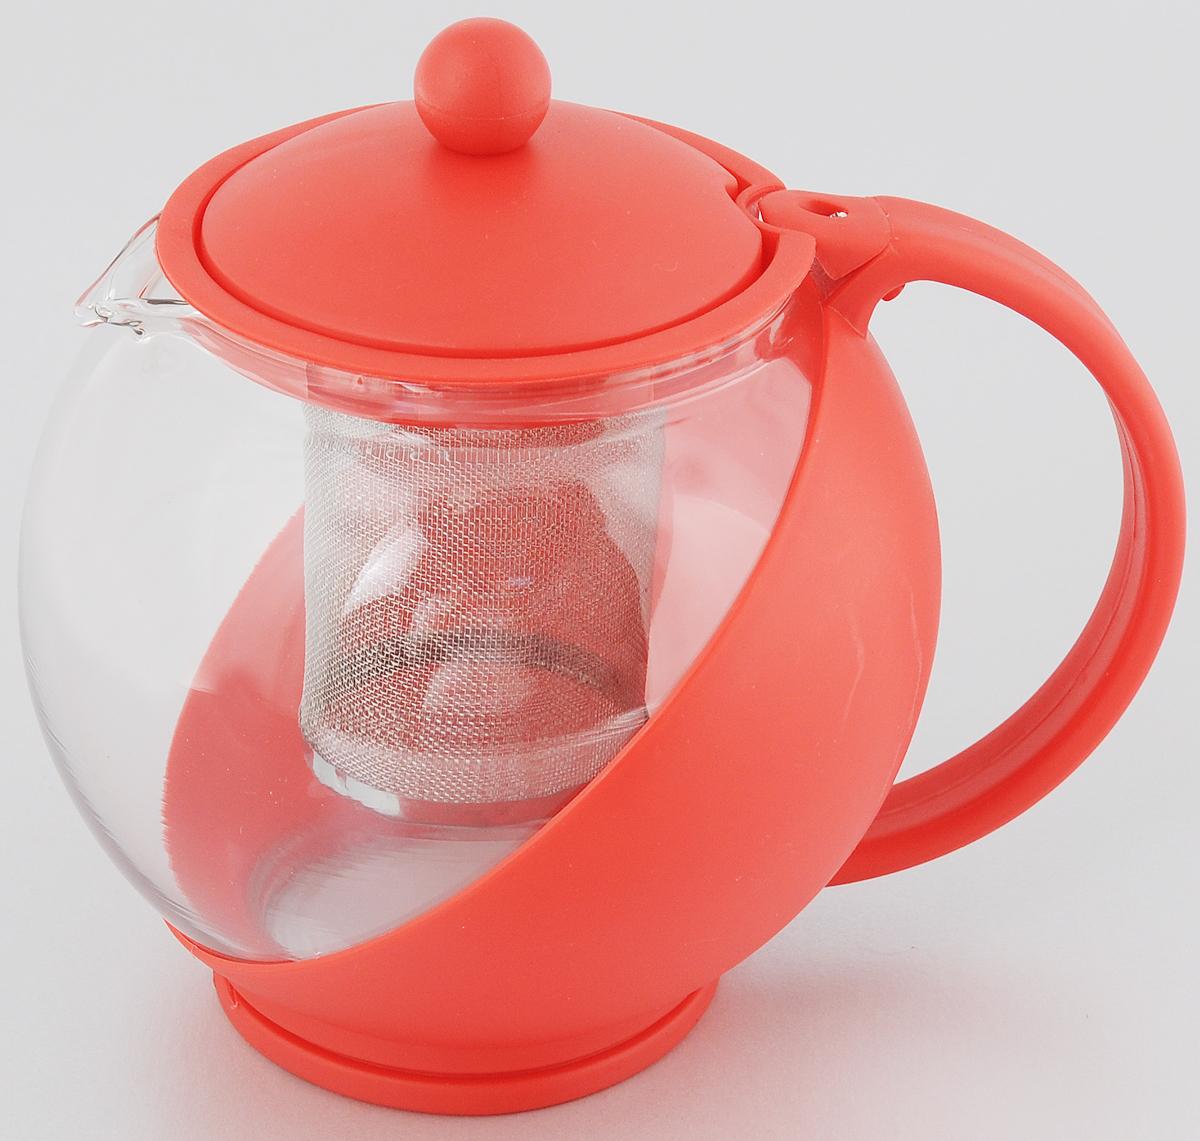 Чайник заварочный Bekker Koch, с фильтром, цвет: красный, 1,25 л23081Заварочный чайник Bekker Koch изготовлен извысококачественного пластика и жаропрочногостекла. Чайник имеет металлический фильтр.Чайник оснащенудобной пластиковой ручкой. В нем вы можете приготовить вкусный и ароматный чай.Заварочный чайник Bekker Koch займетдостойное место на вашей кухне. Объем: 1,25 л. Высота чайника (без учета крышки): 14 см. Диаметр (по верхнему краю): 9,5 см.